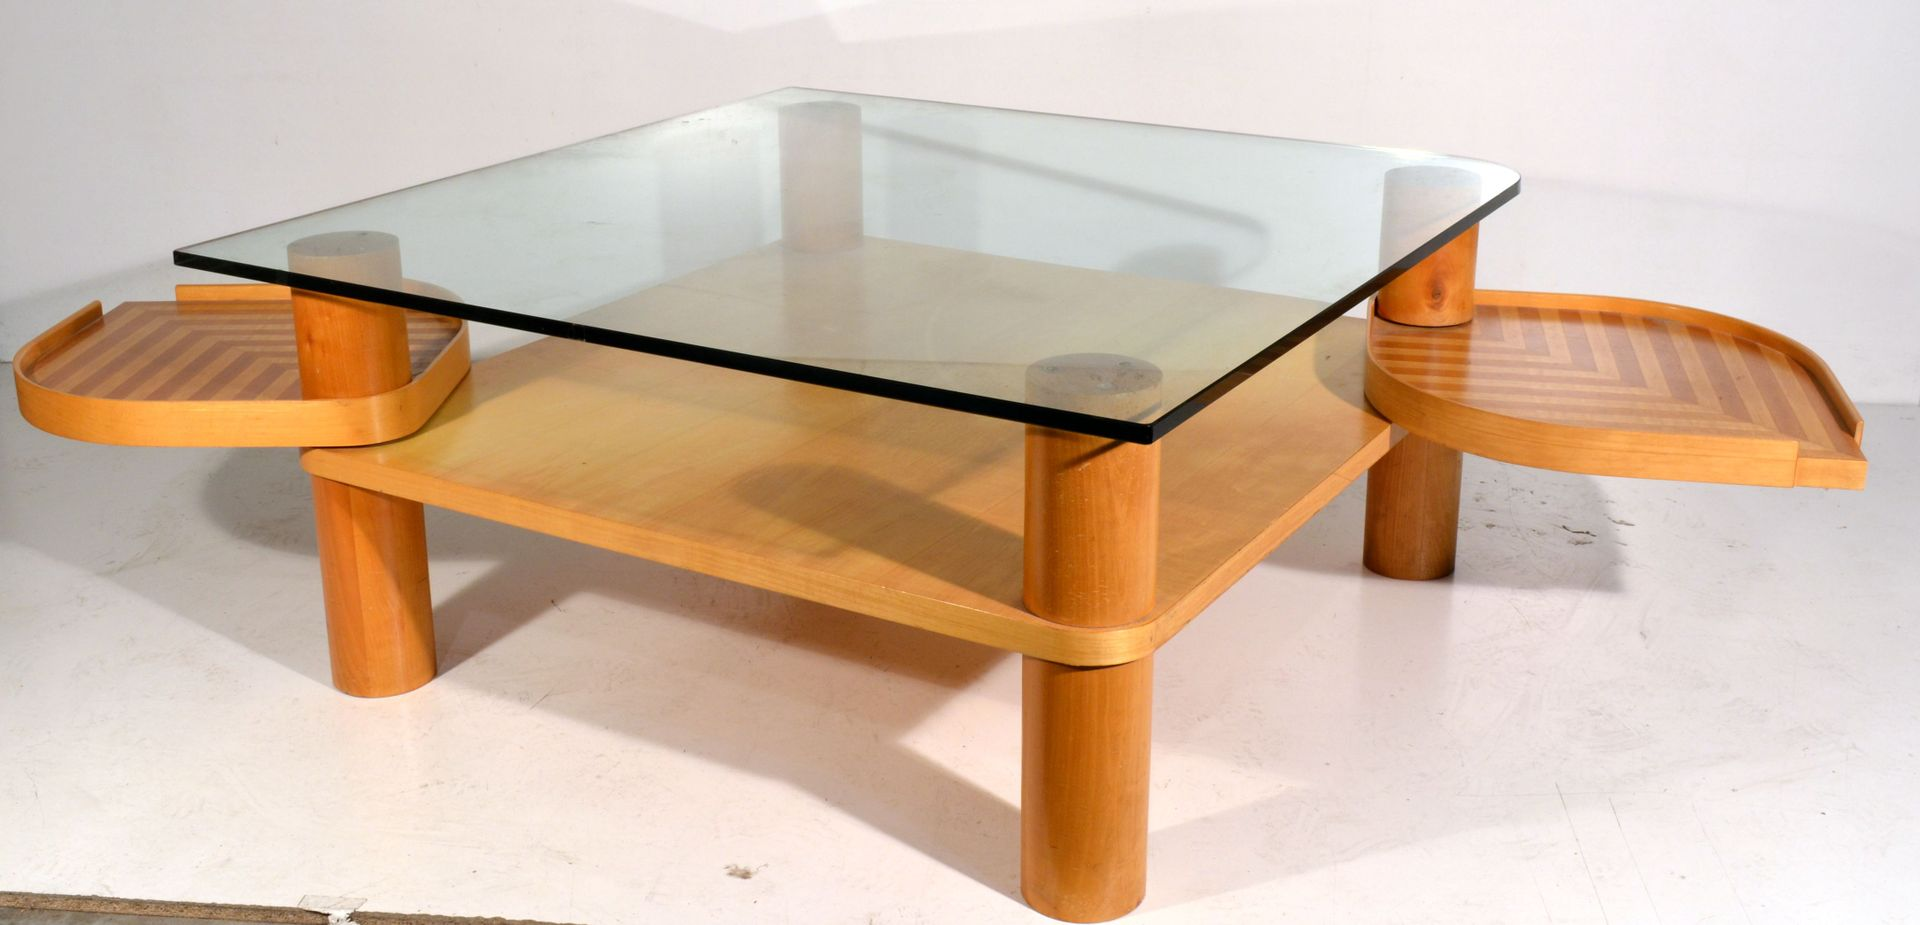 italienischer couchtisch aus ahornholz glas bei pamono. Black Bedroom Furniture Sets. Home Design Ideas